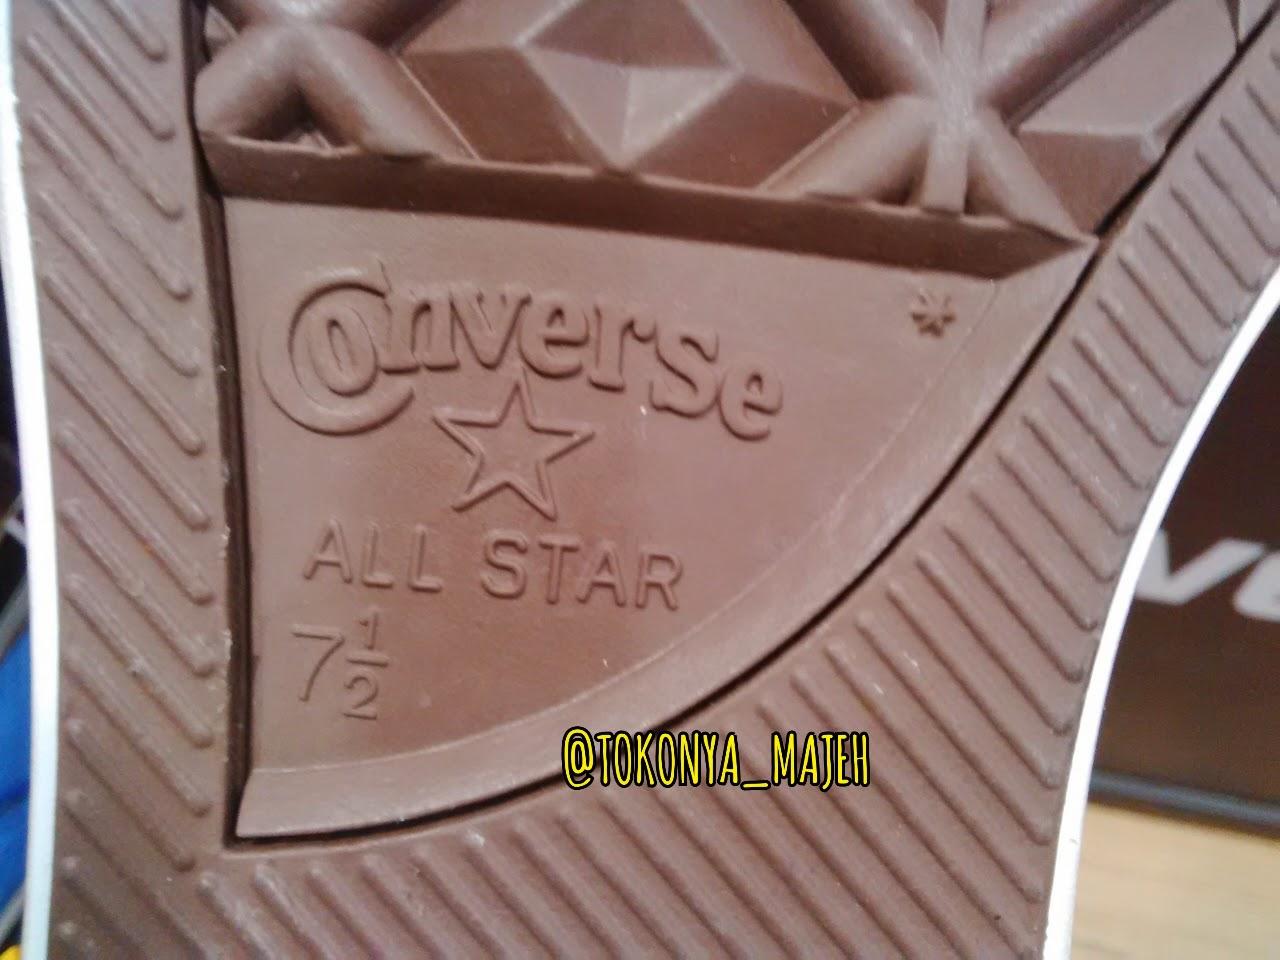 Ciri Sepatu Converse Original Made In Indonesia